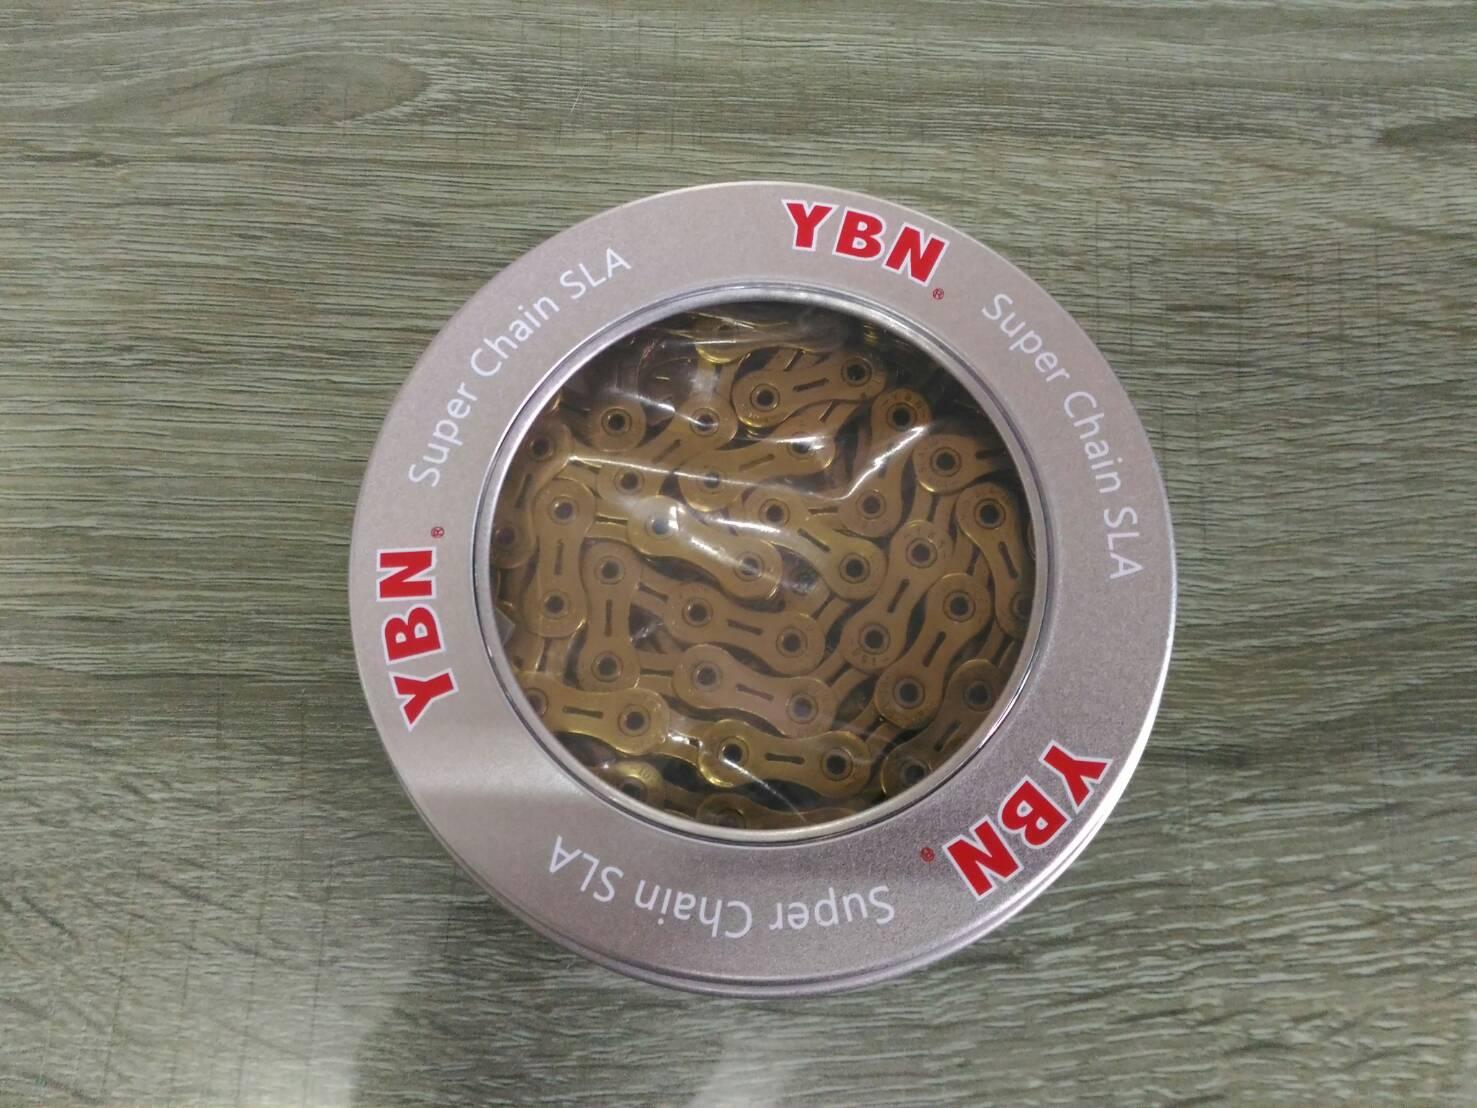 โซ่ YBN 10 sp สีทอง เซาะร่อง